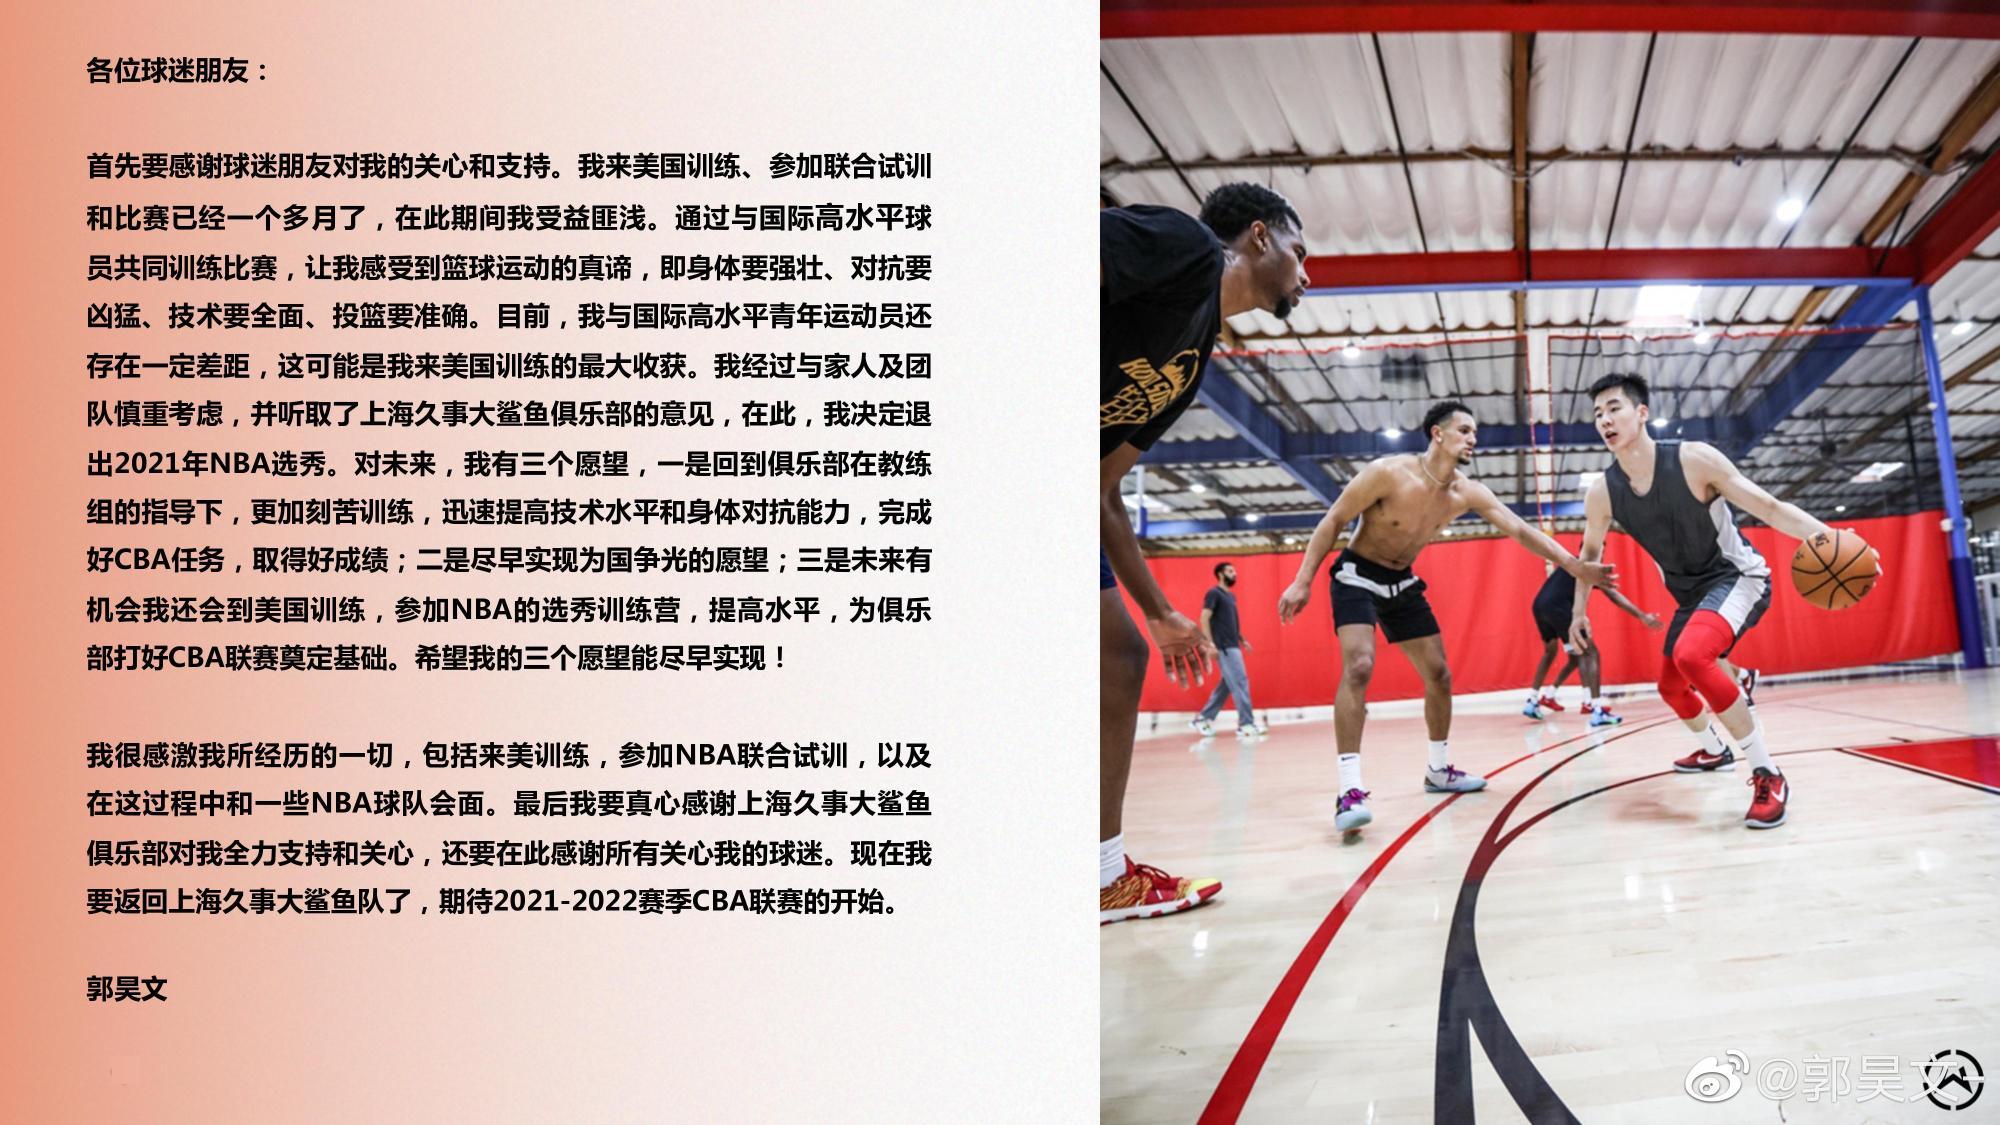 郭昊文微博。